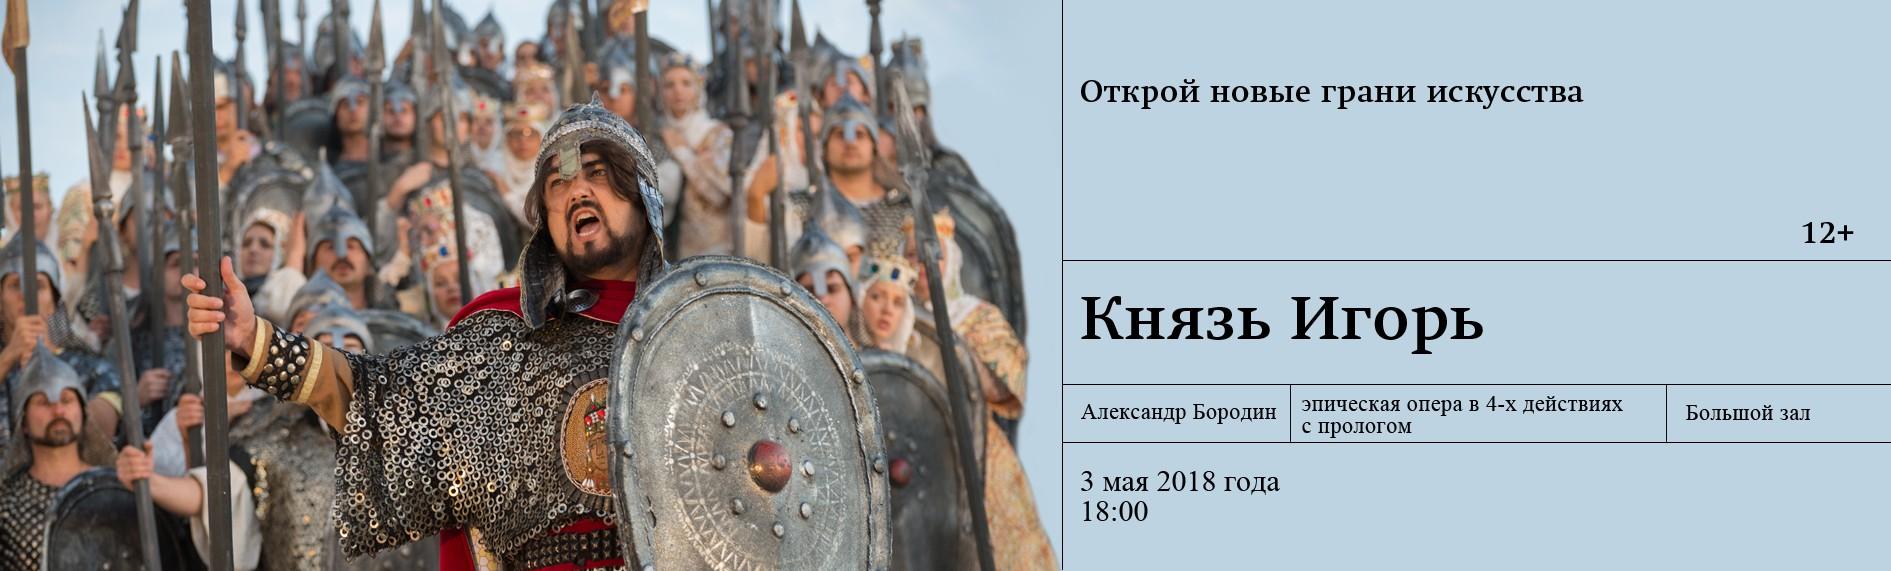 """Опера """"Князь Игорь"""""""